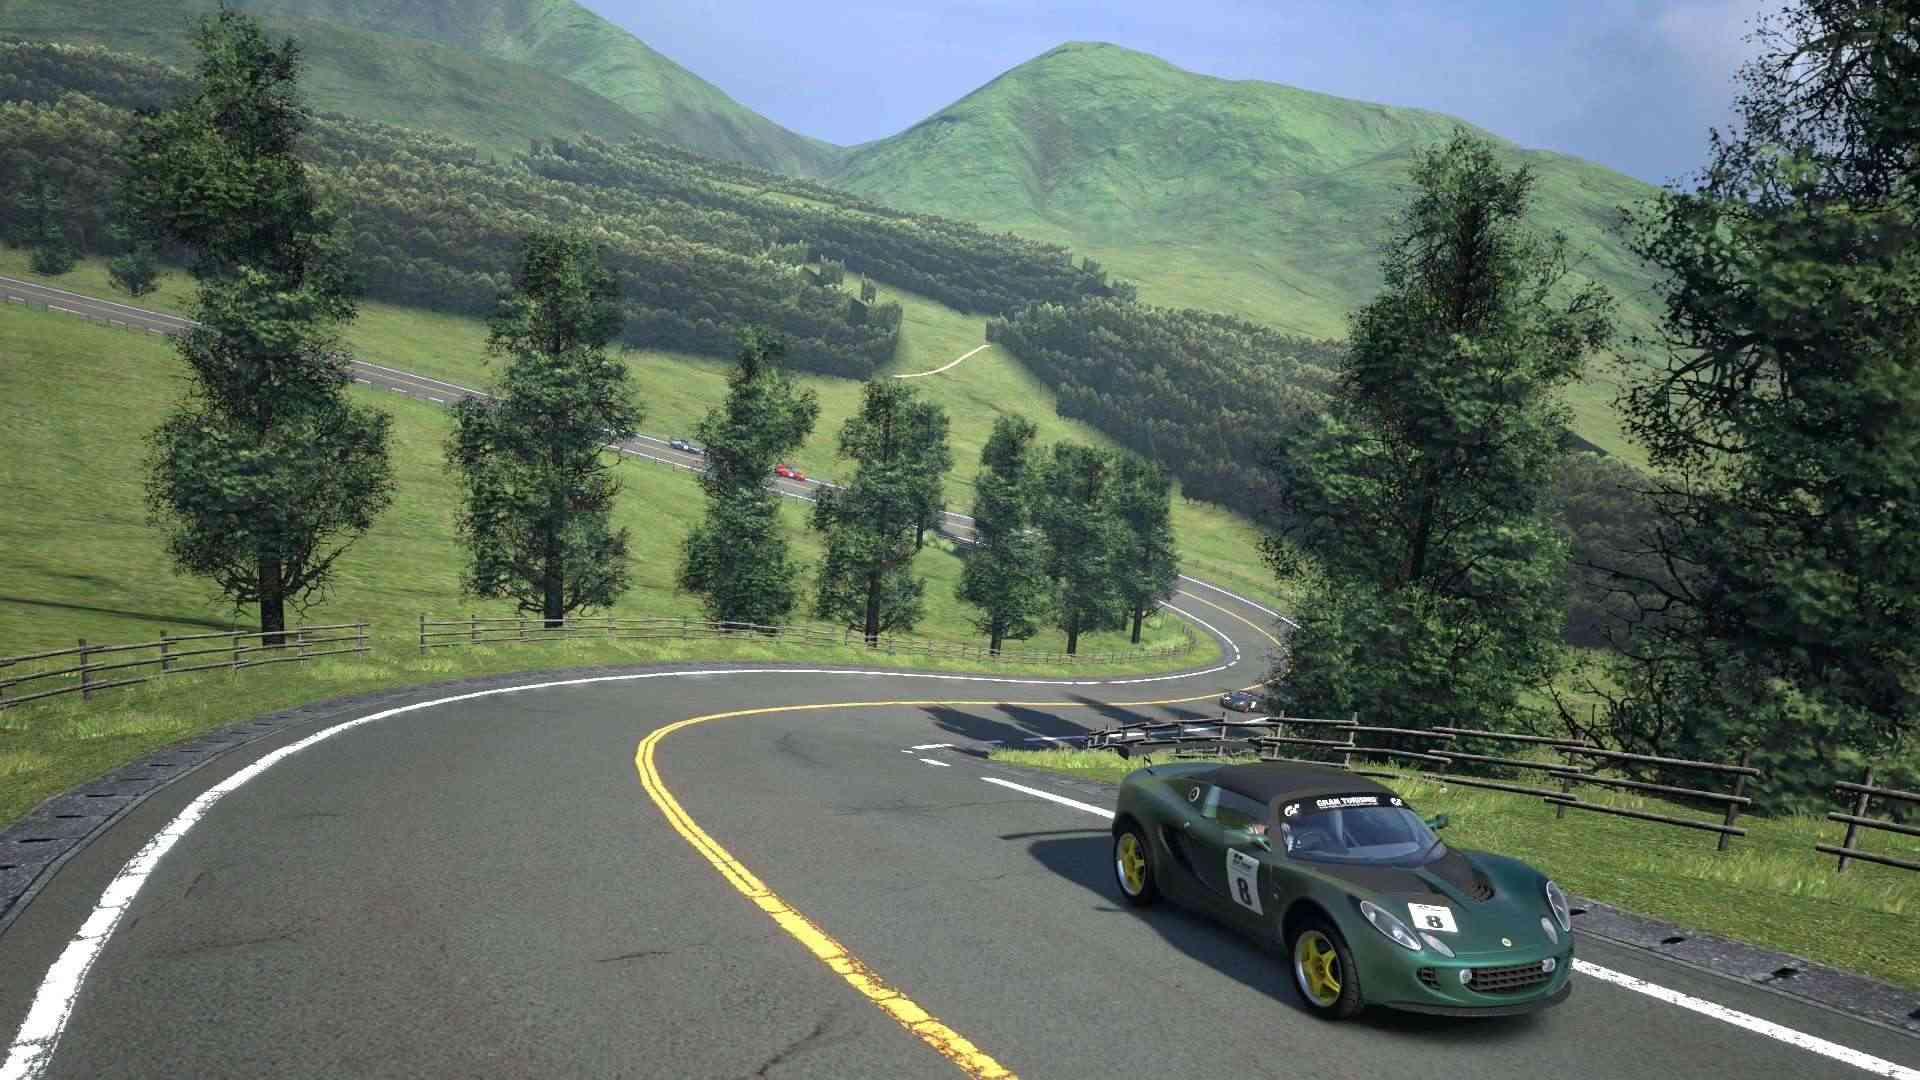 Termina la Copa Lotus Elise en el Campeonato de Despedida de GT5 Monte_10